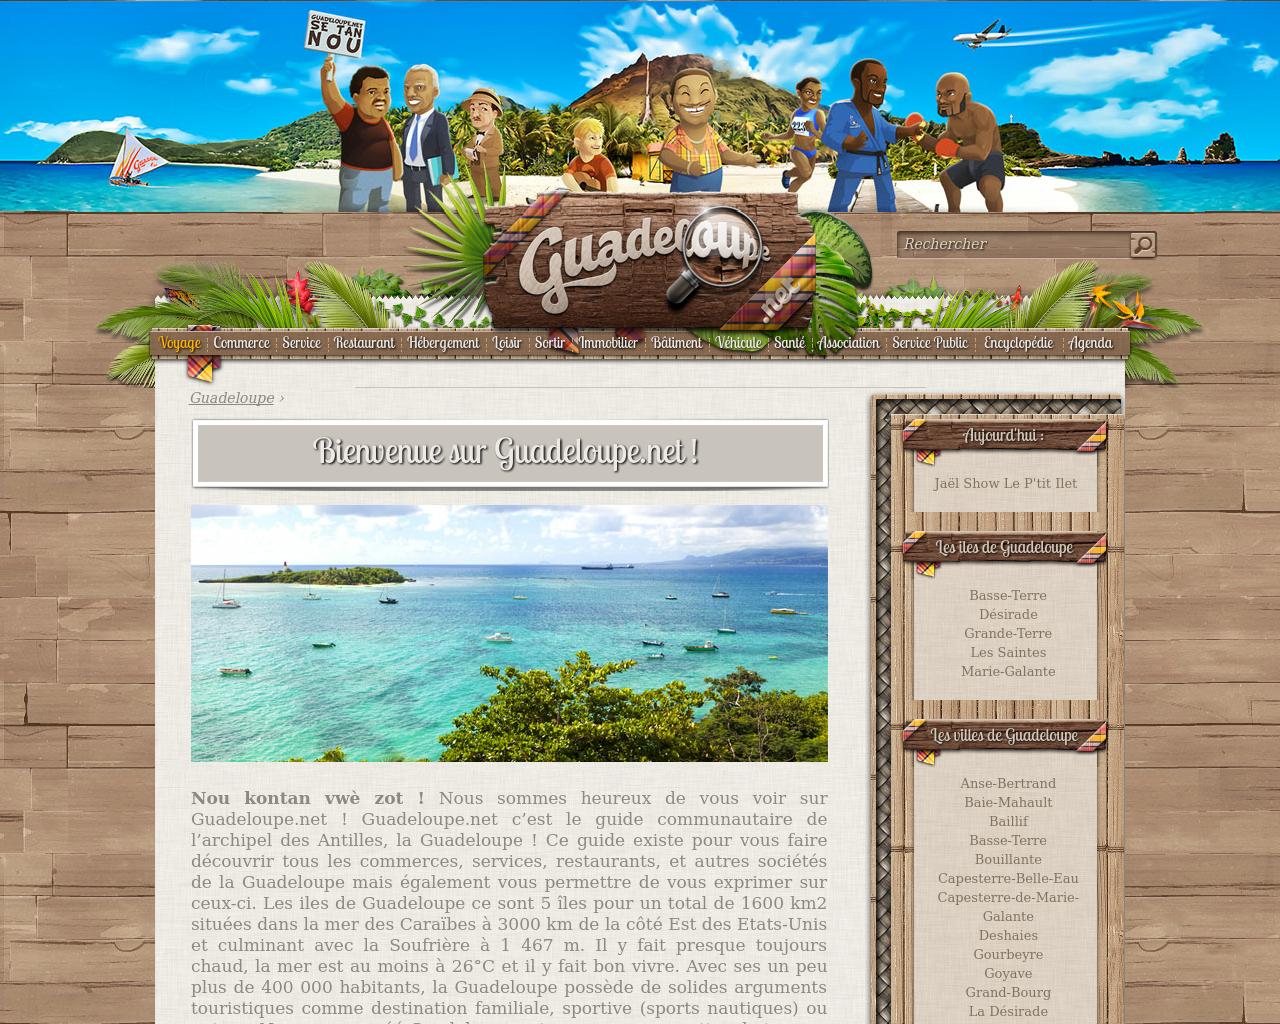 Comment trouver un annuaire sur la Guadeloupe ?